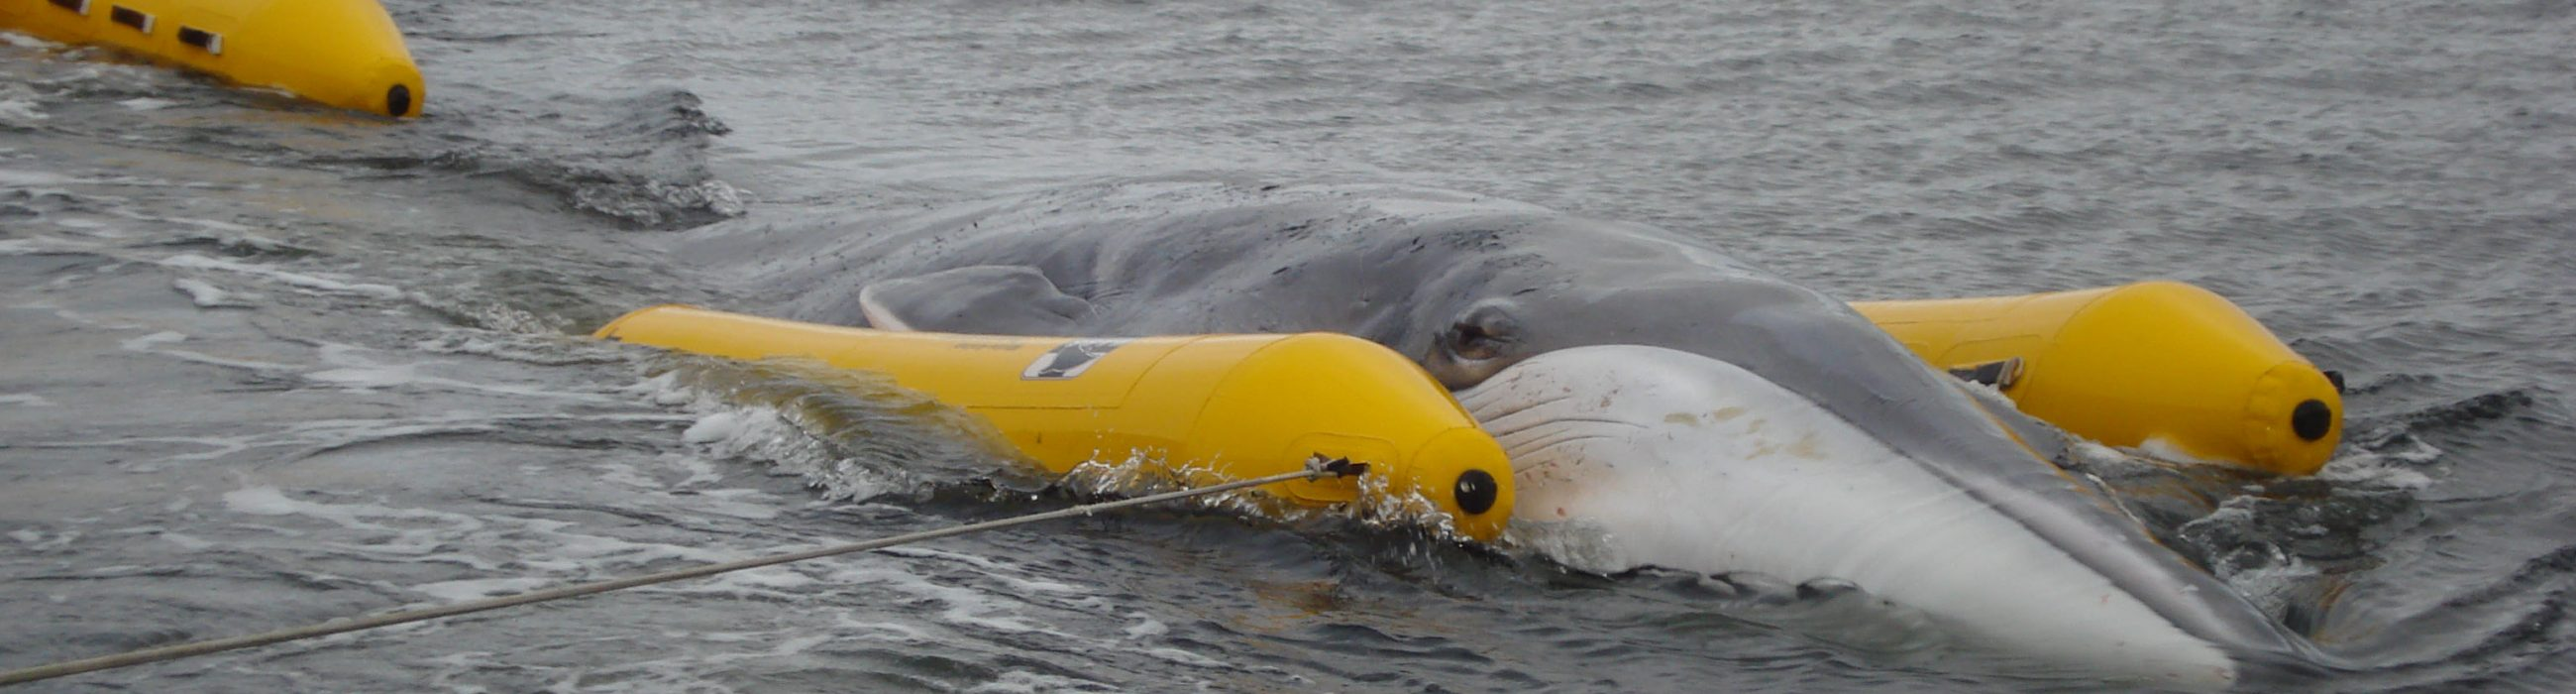 MARS - 2013-11-14 fin whale 8